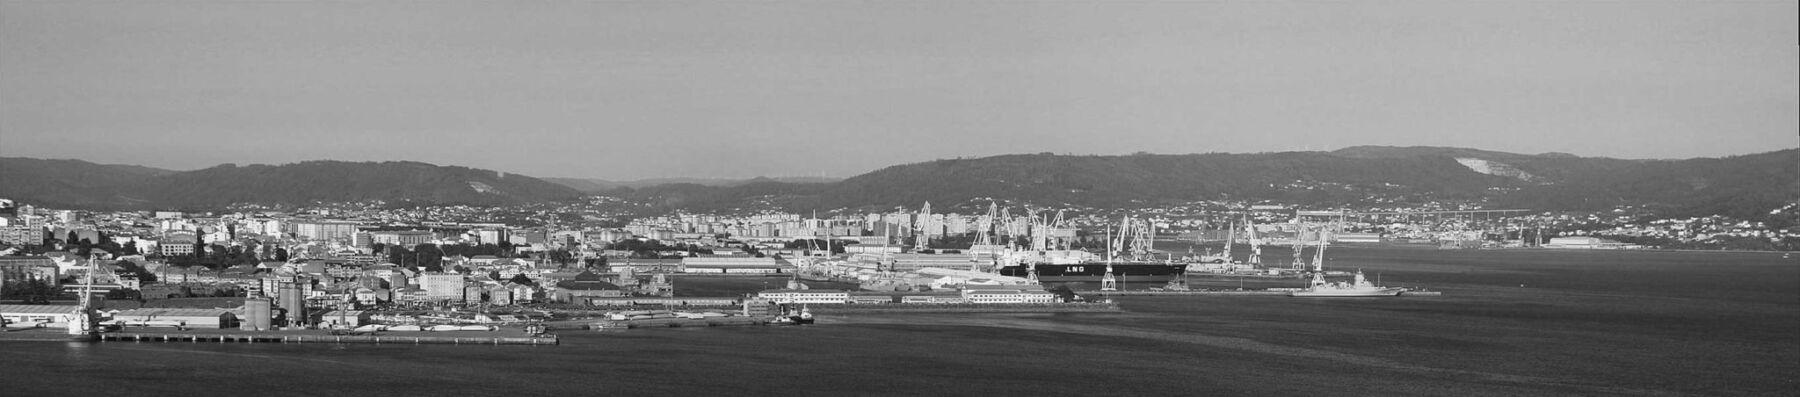 La mejor imprenta para Ferrol y Galicia